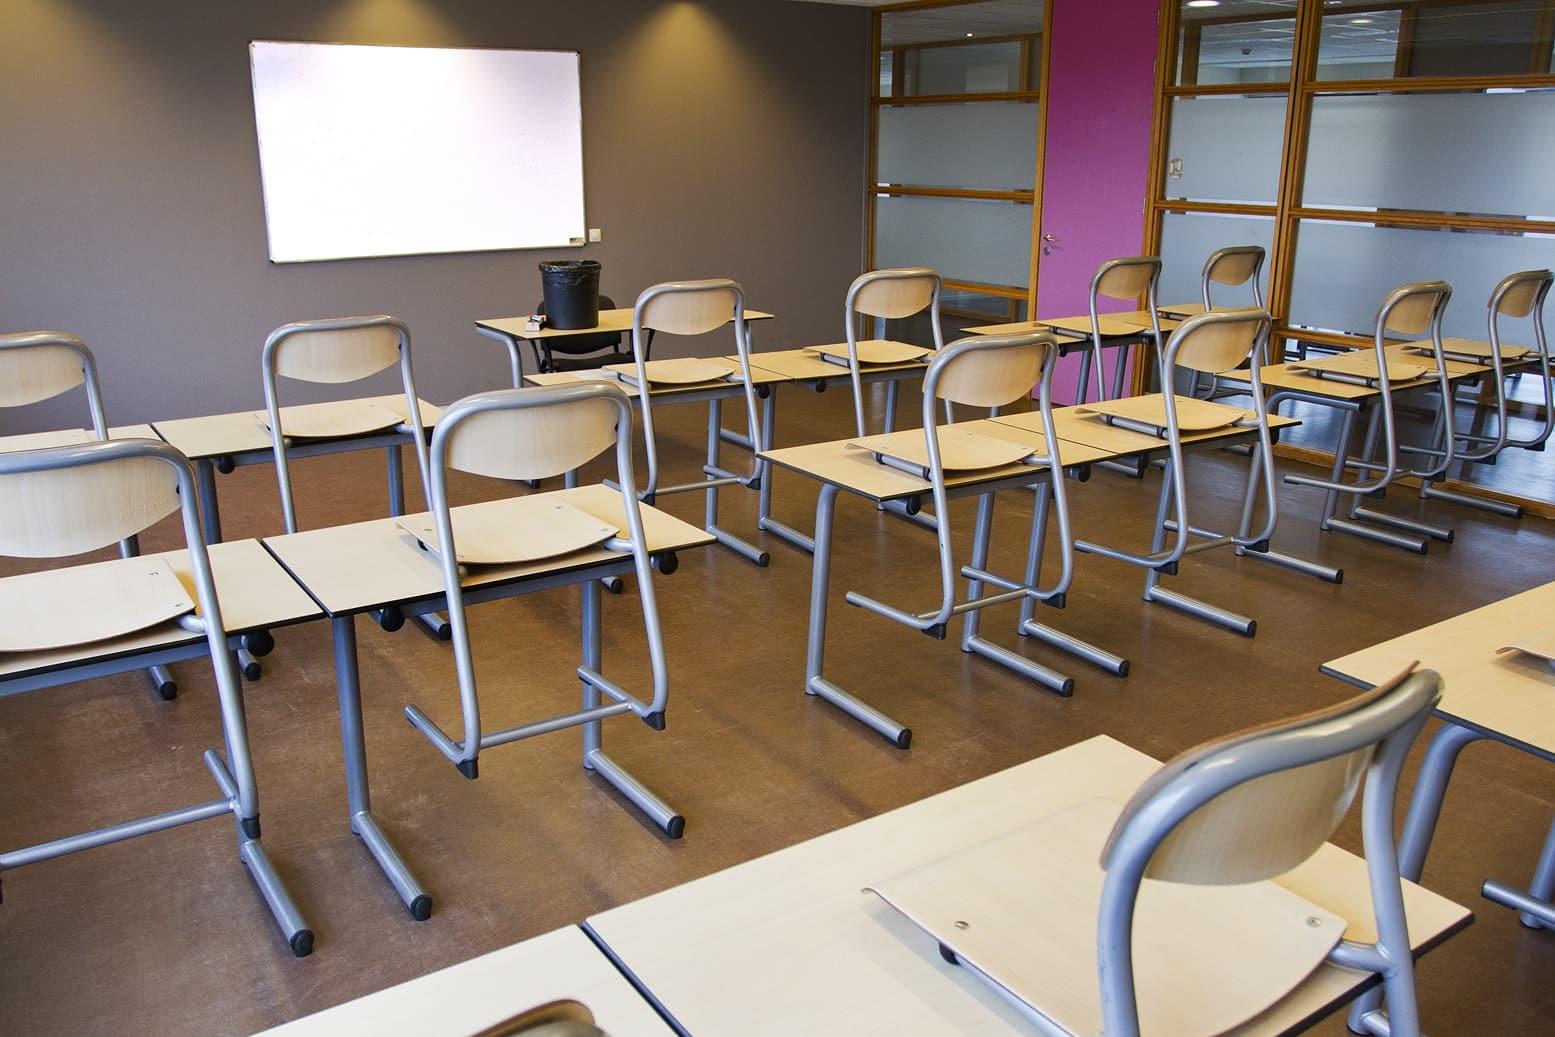 schoonmaak-school Bedrijven-kantoren dienstencheques